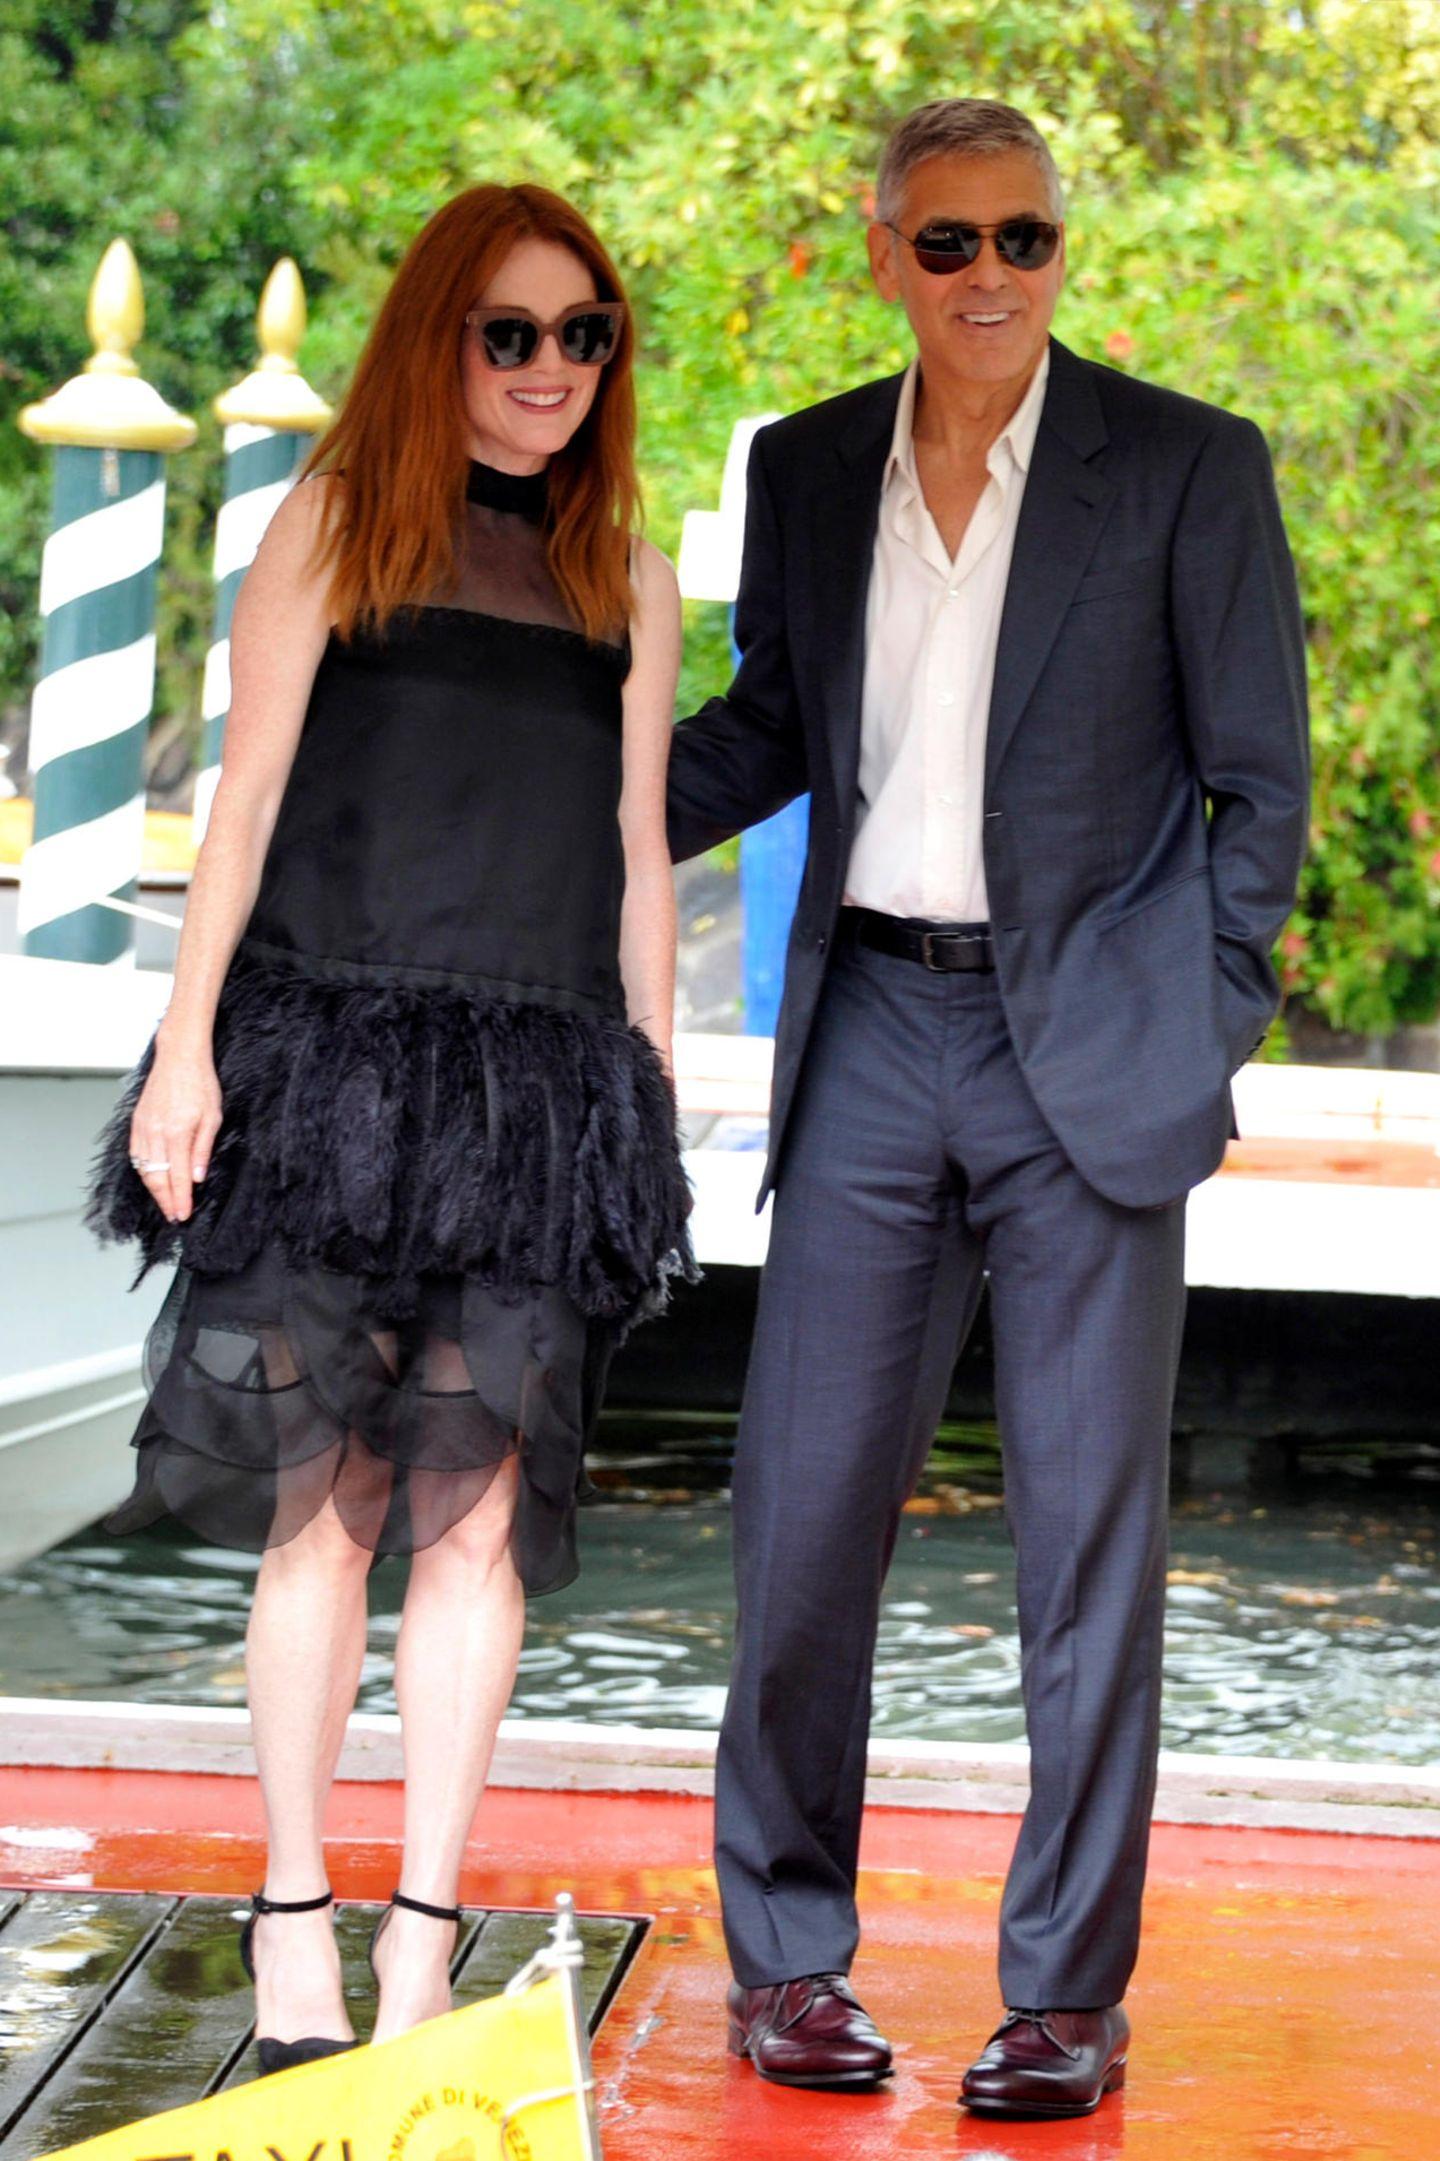 Im schwarzen Dress mit Feder-Röckchen zeigt sich Julianne Moore an der Seite ihres Kollegen George Clooney.